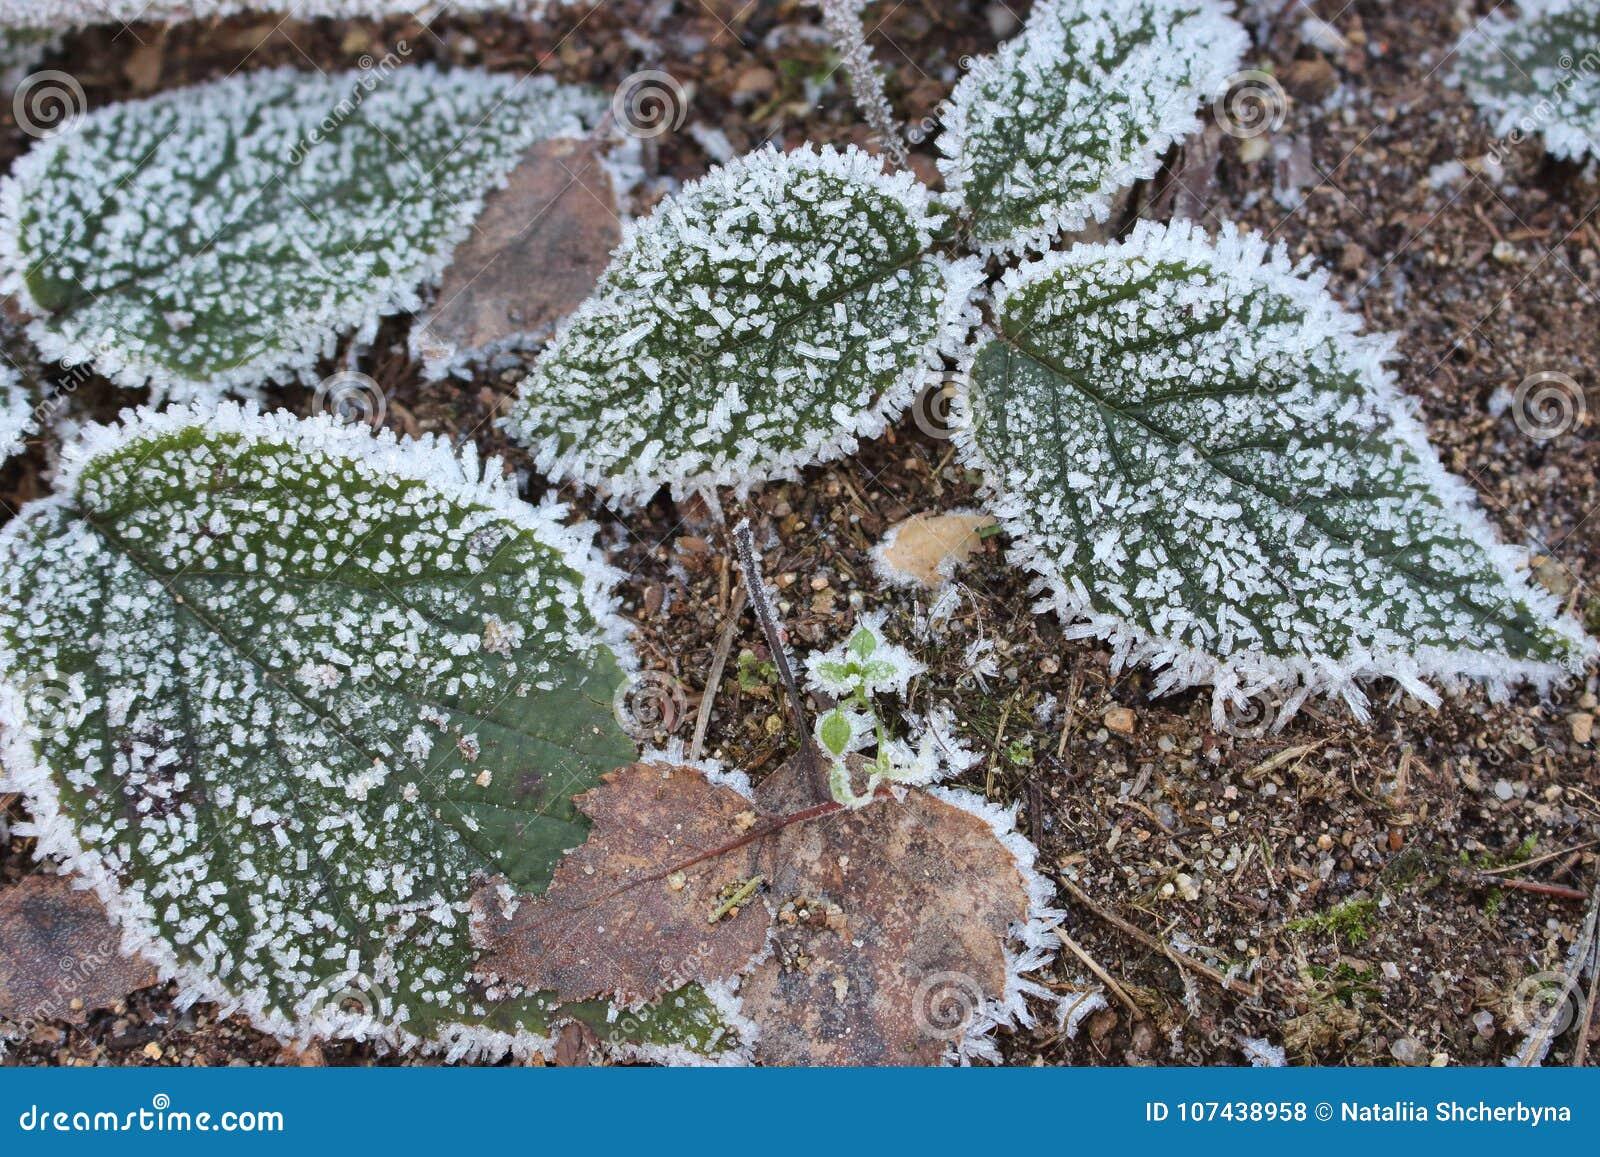 Folhas verdes e marrons na geada na terra fria A floresta do inverno congelada planta o close up